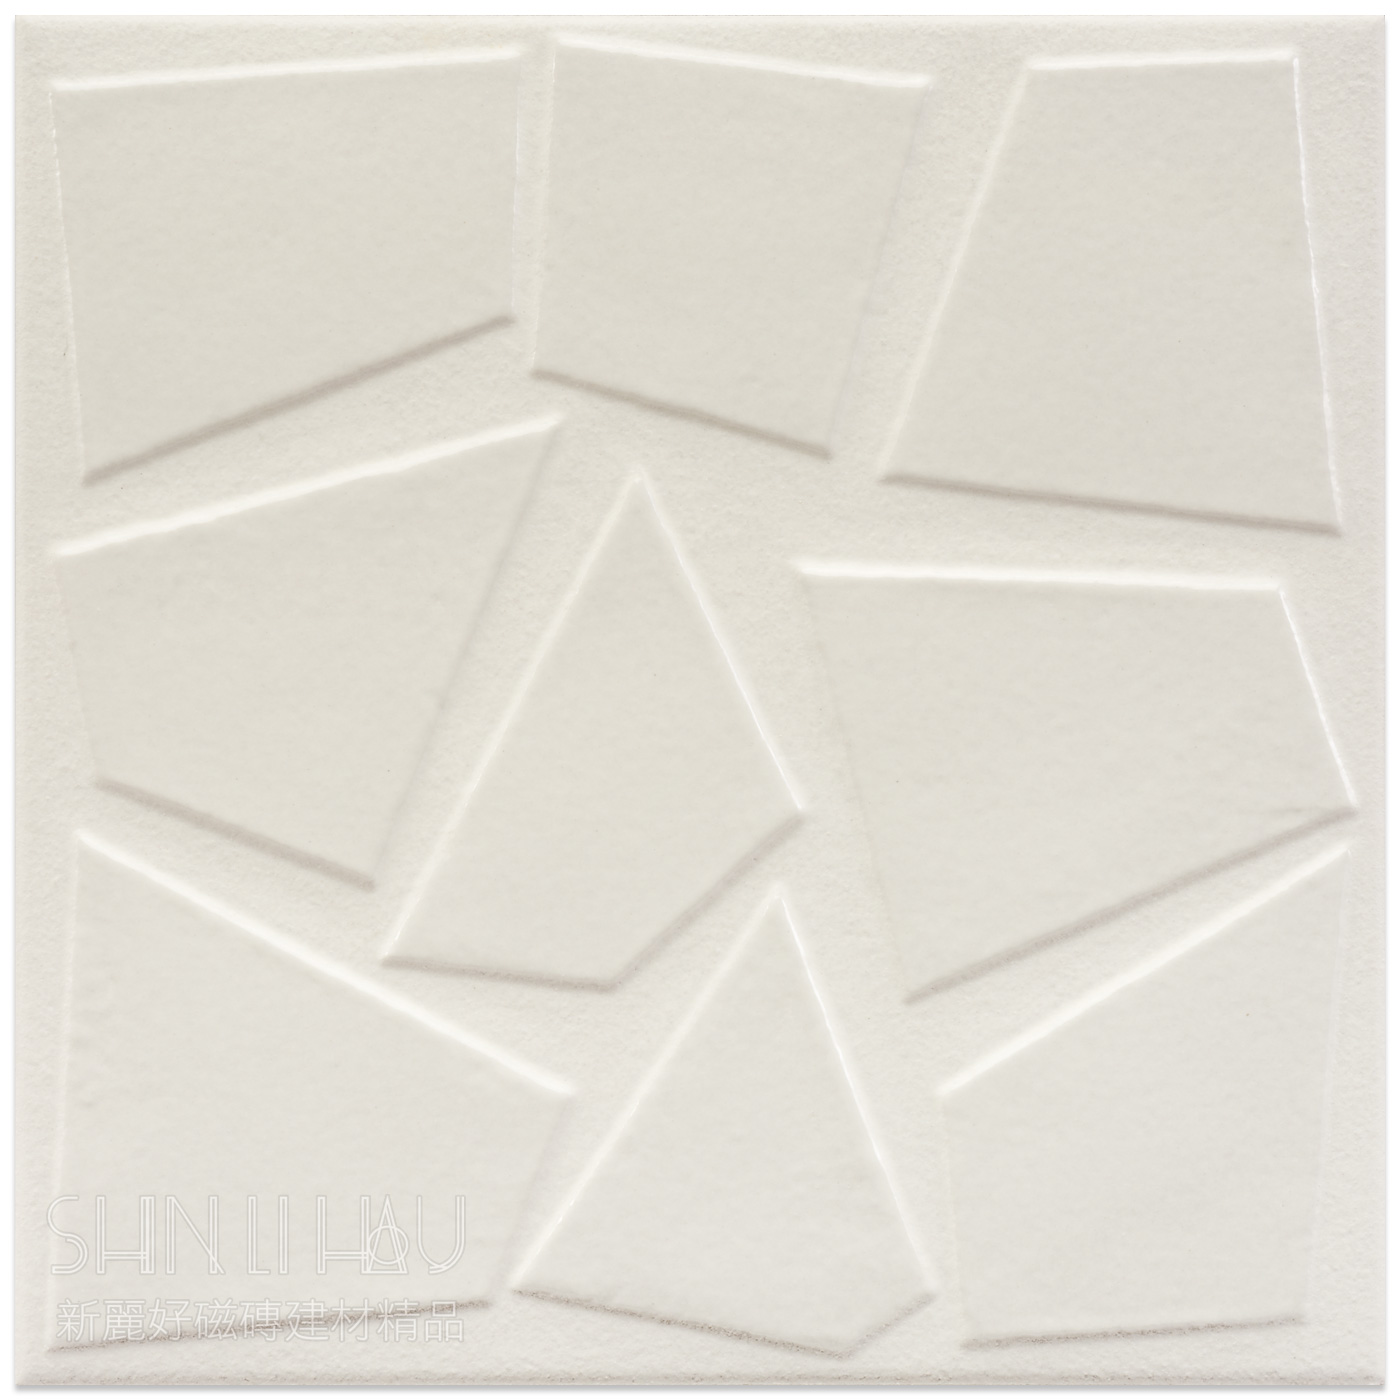 【尋寶盛會-歐洲品牌超強促銷】幾何拼貼-馬賽克型石英復古磚 - 碎布白